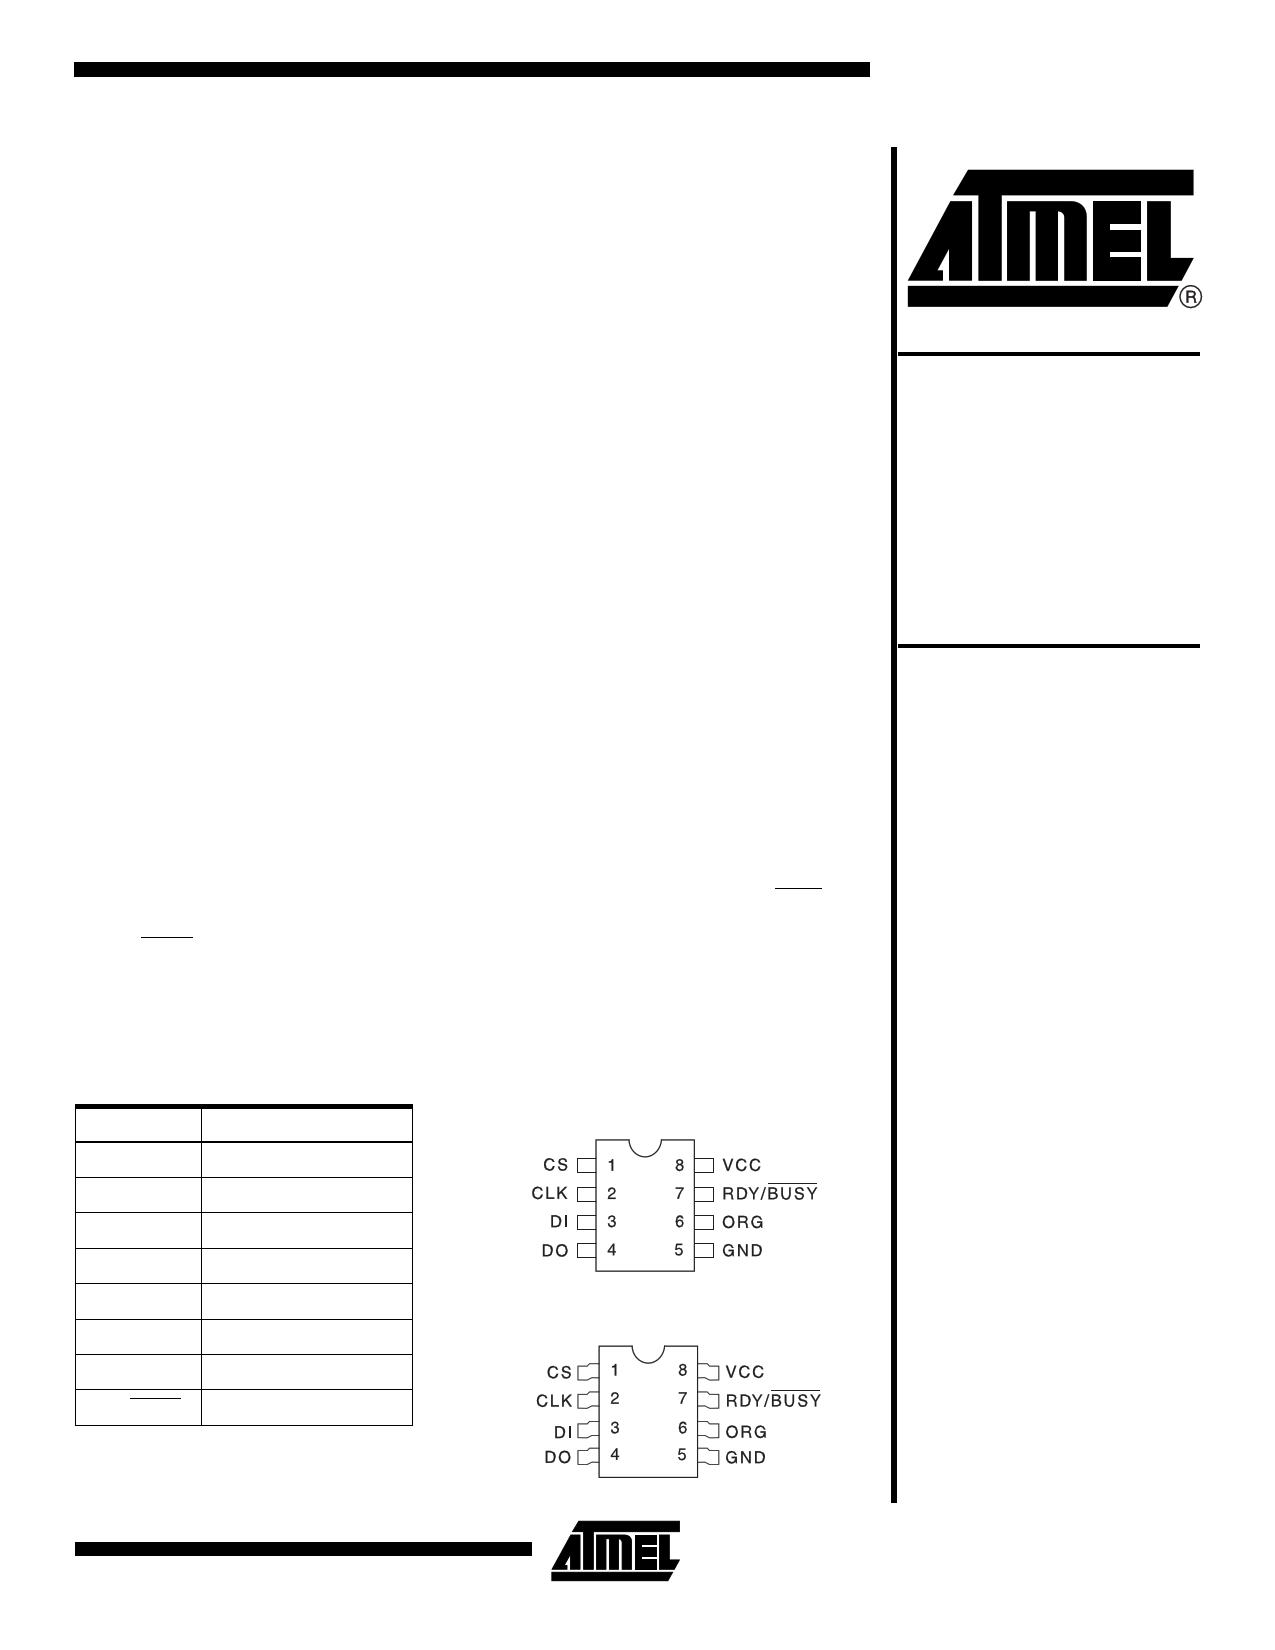 AT59C22W-10SI Datasheet, AT59C22W-10SI PDF,ピン配置, 機能